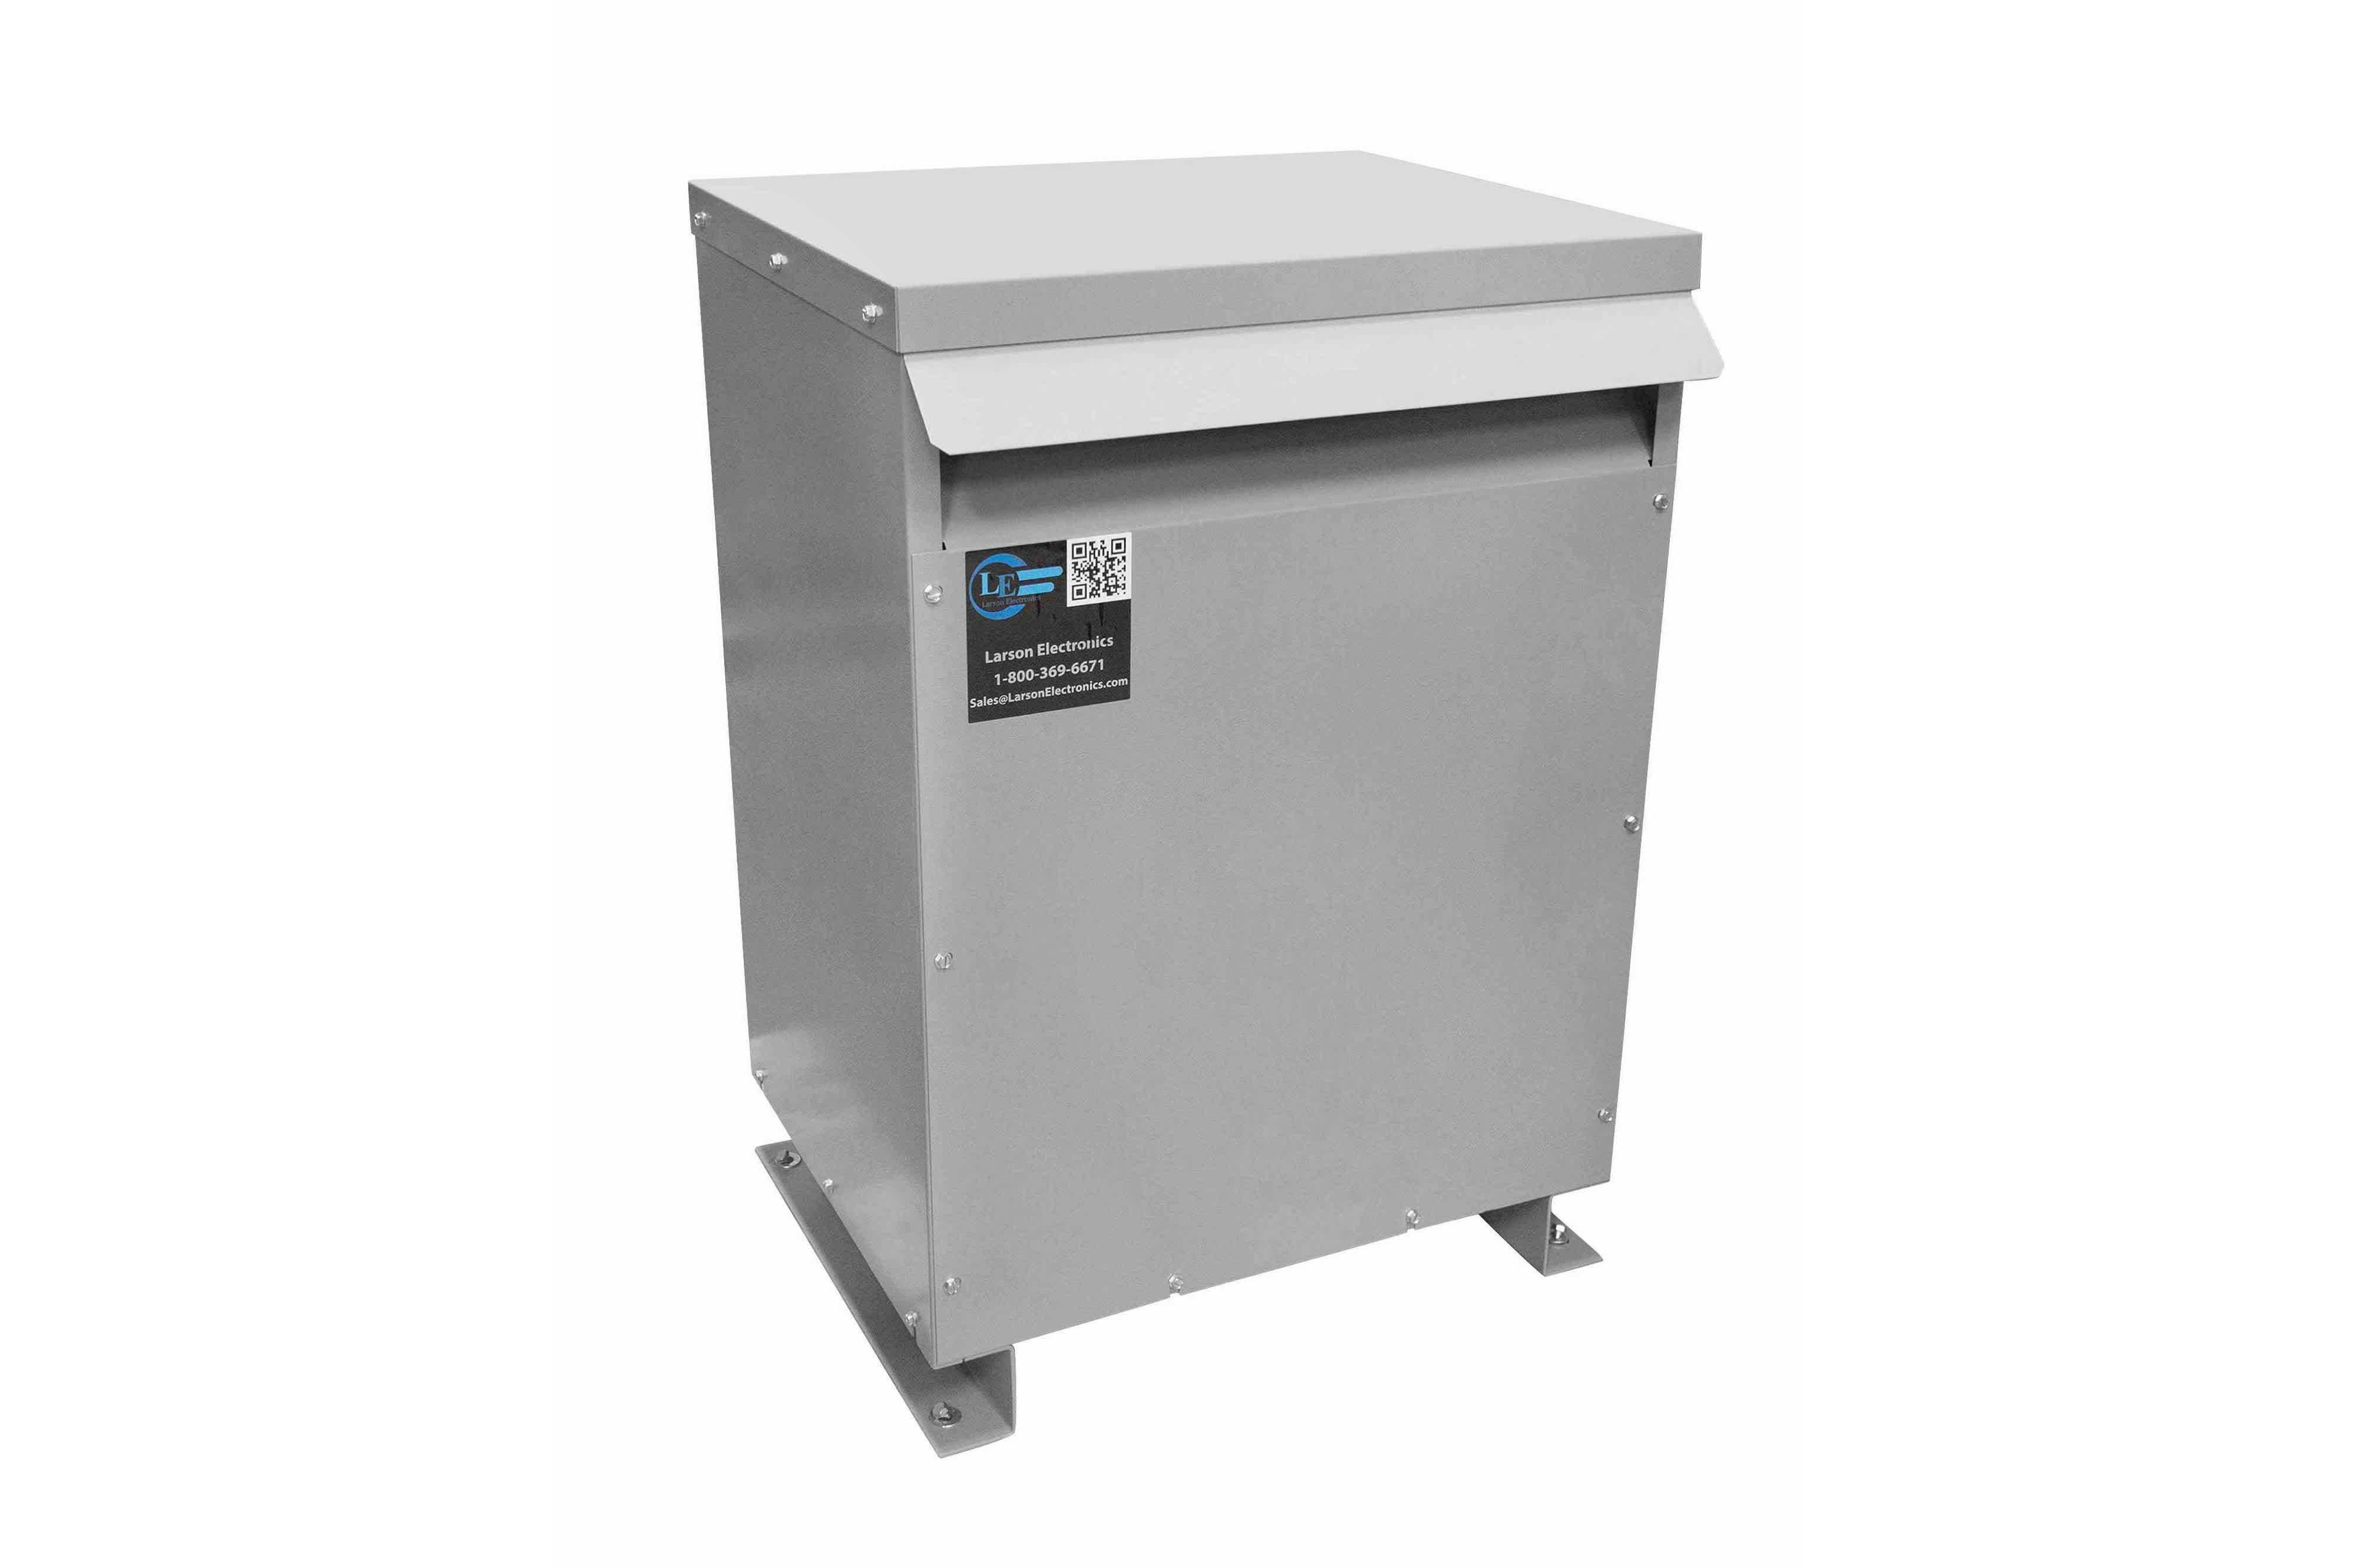 115 kVA 3PH Isolation Transformer, 208V Delta Primary, 600V Delta Secondary, N3R, Ventilated, 60 Hz